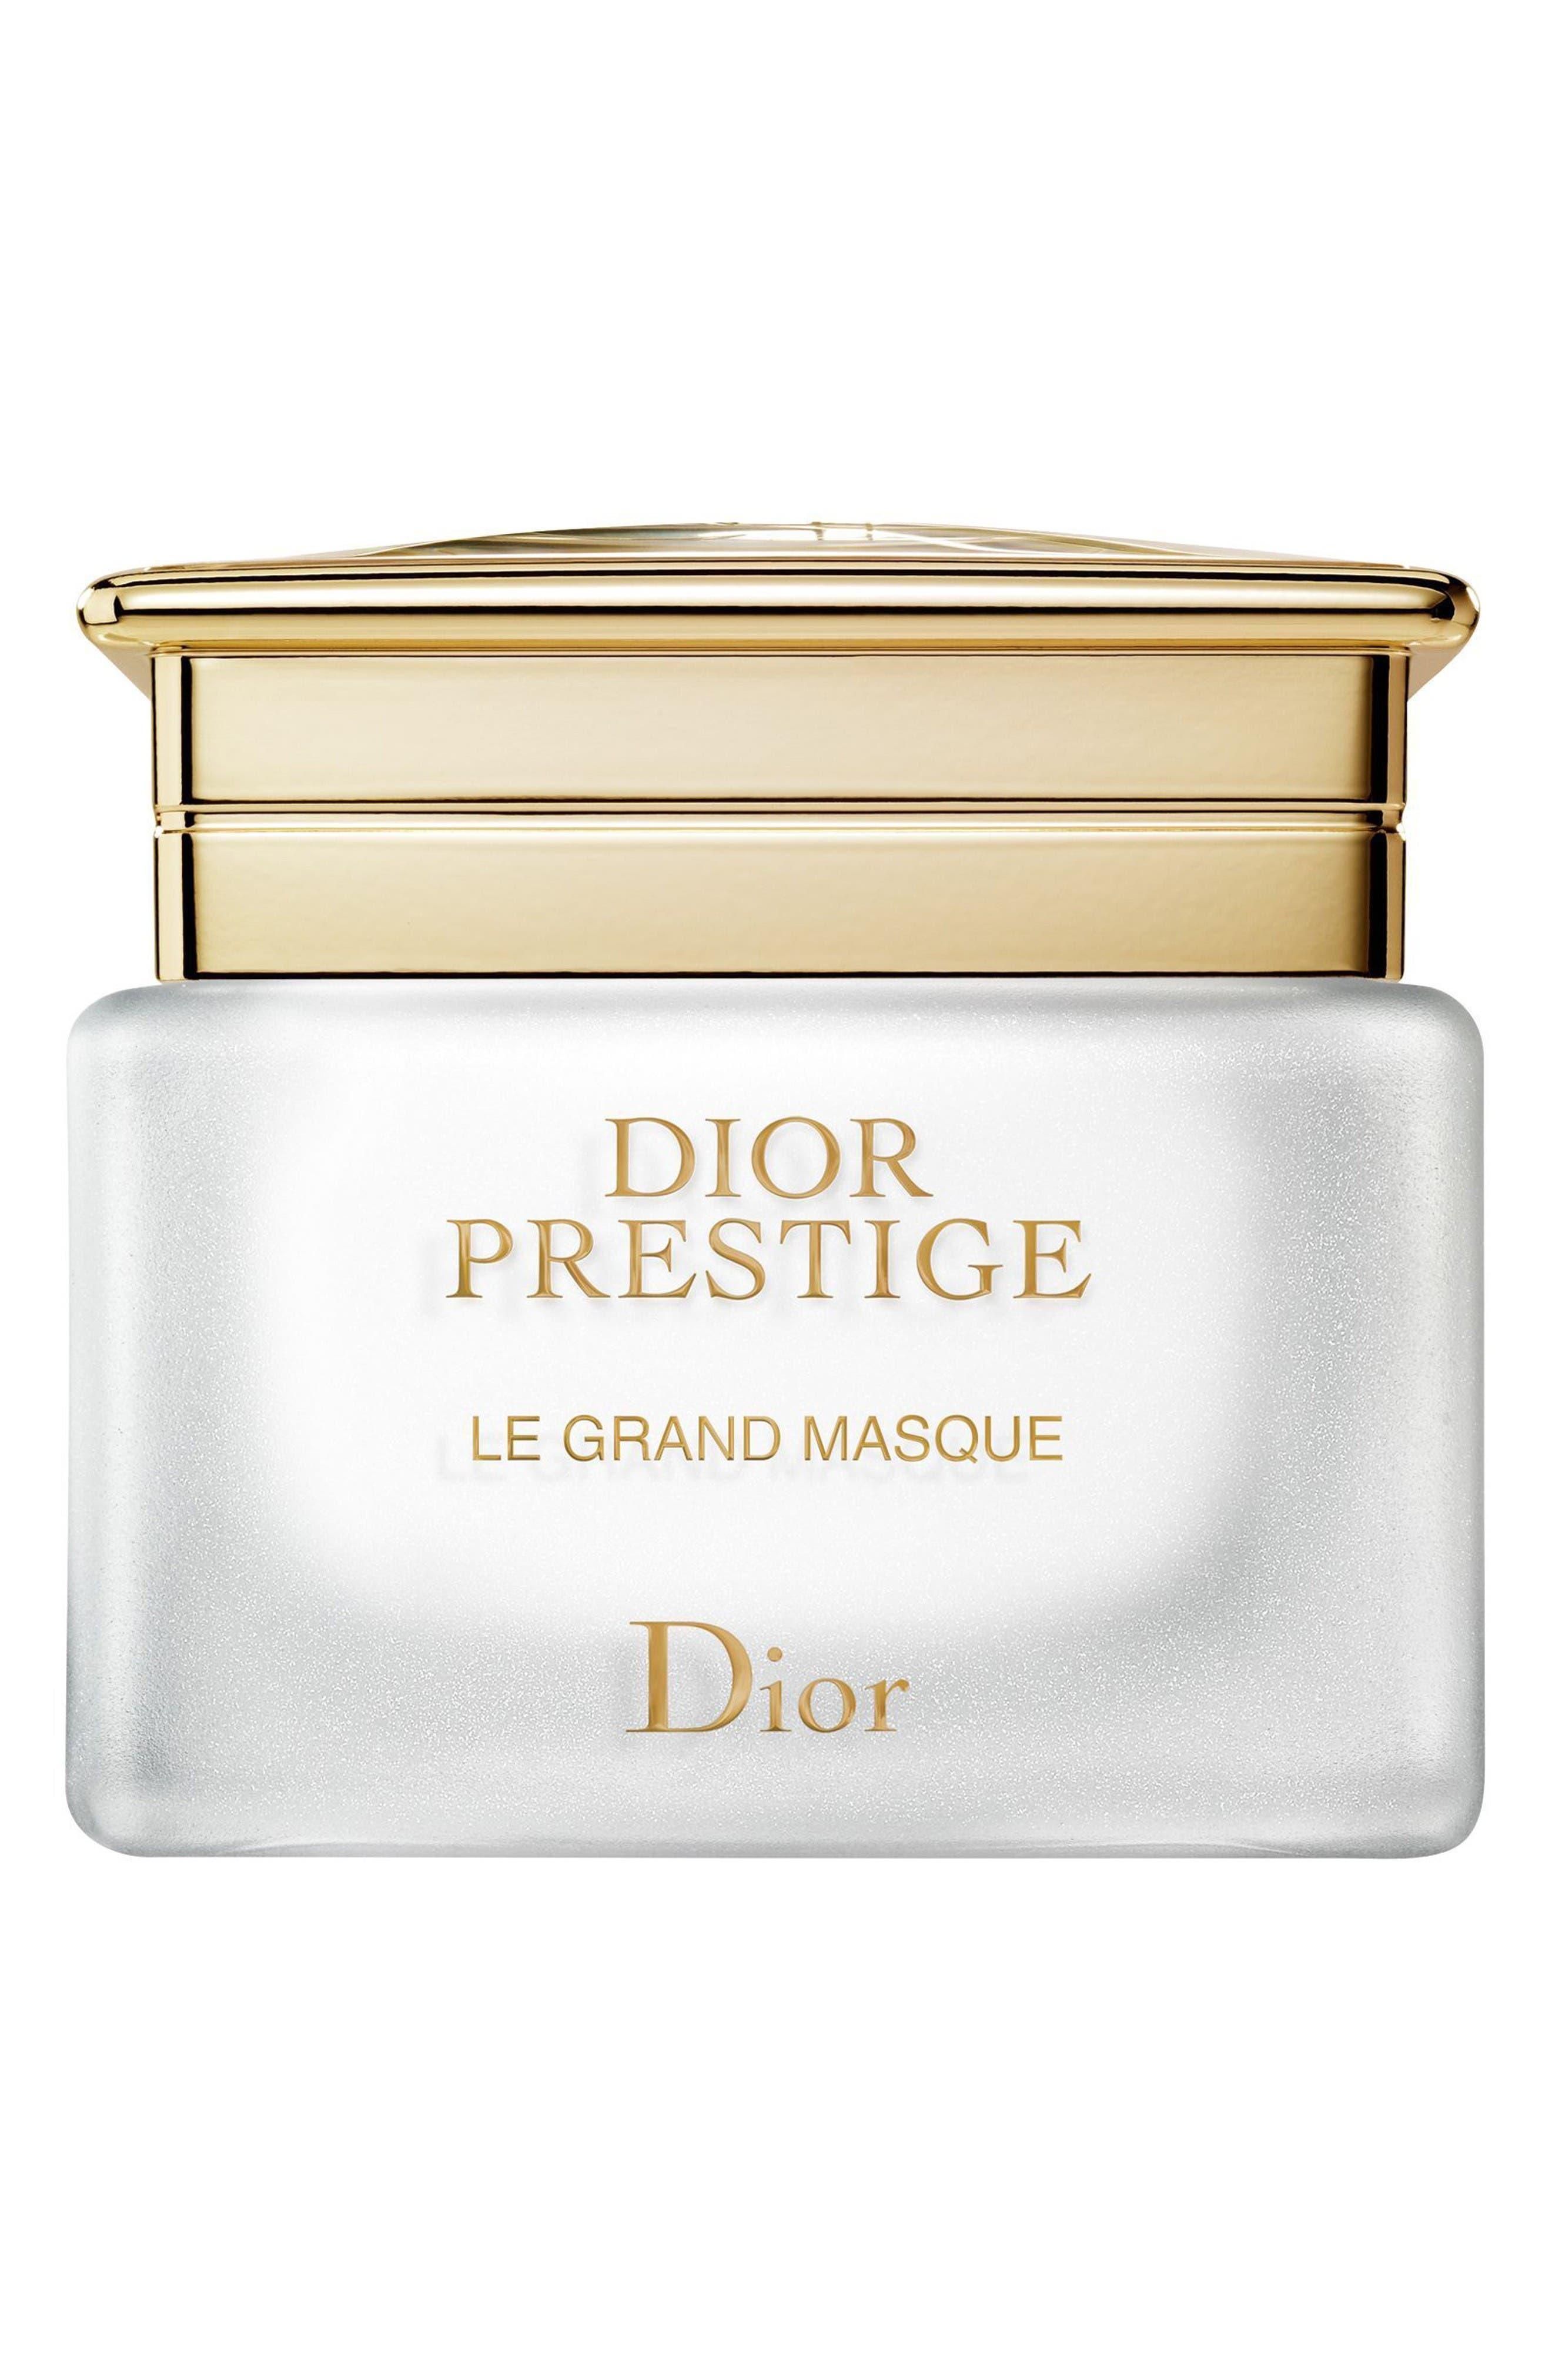 Alternate Image 1 Selected - Dior Prestige Le Grand Masque